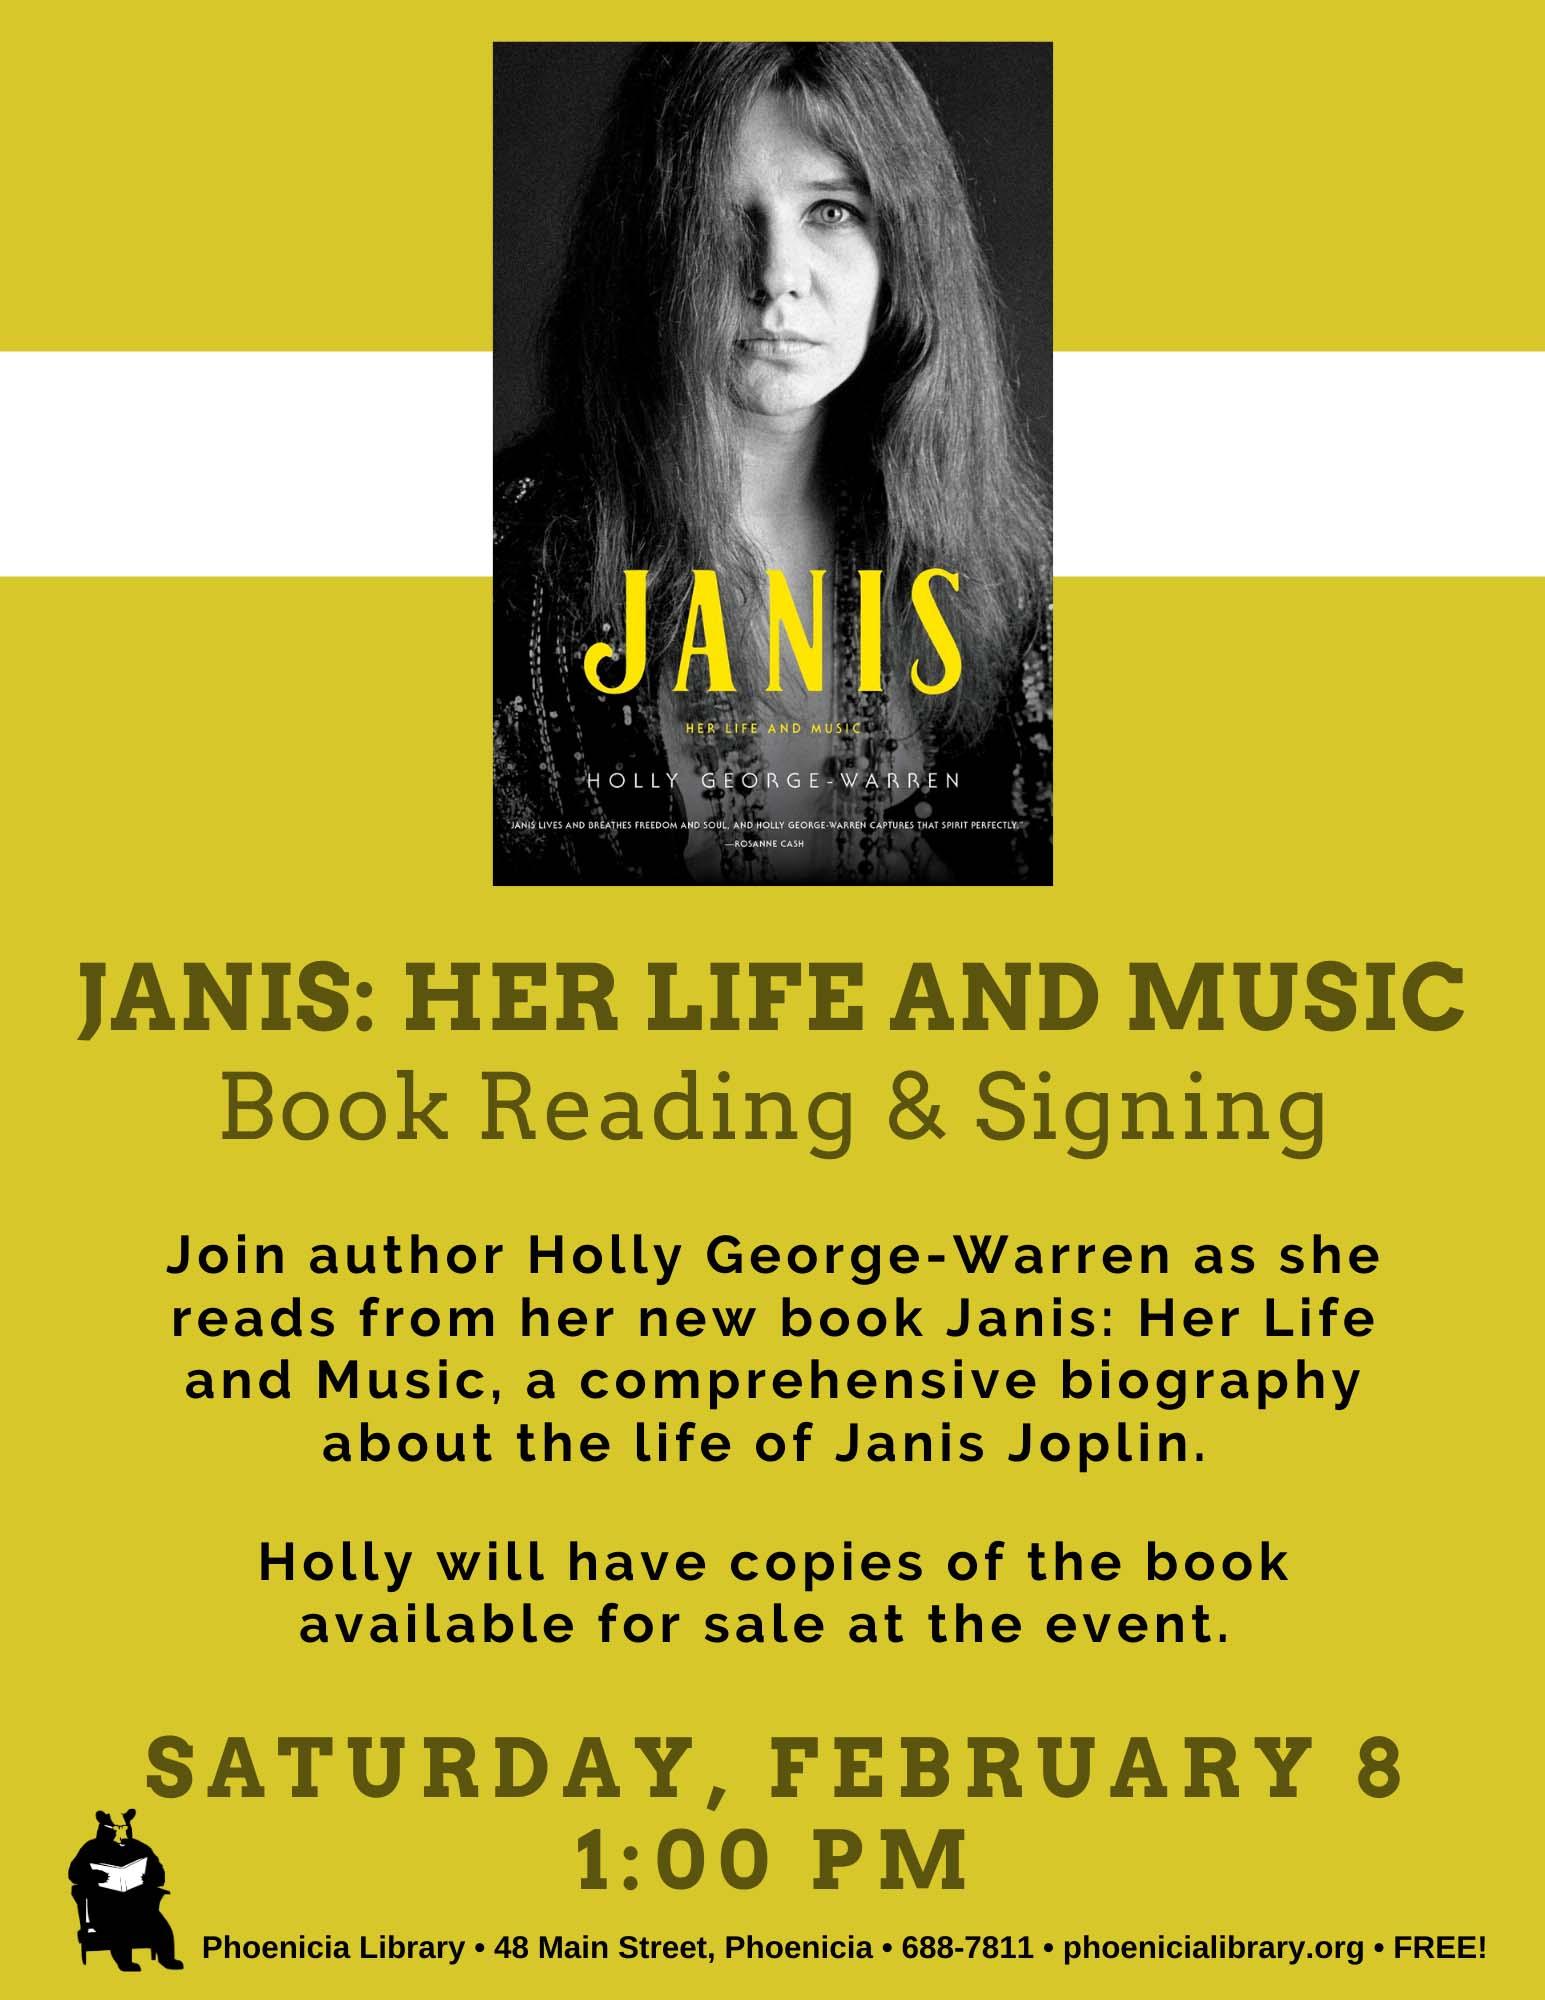 Janis Reading